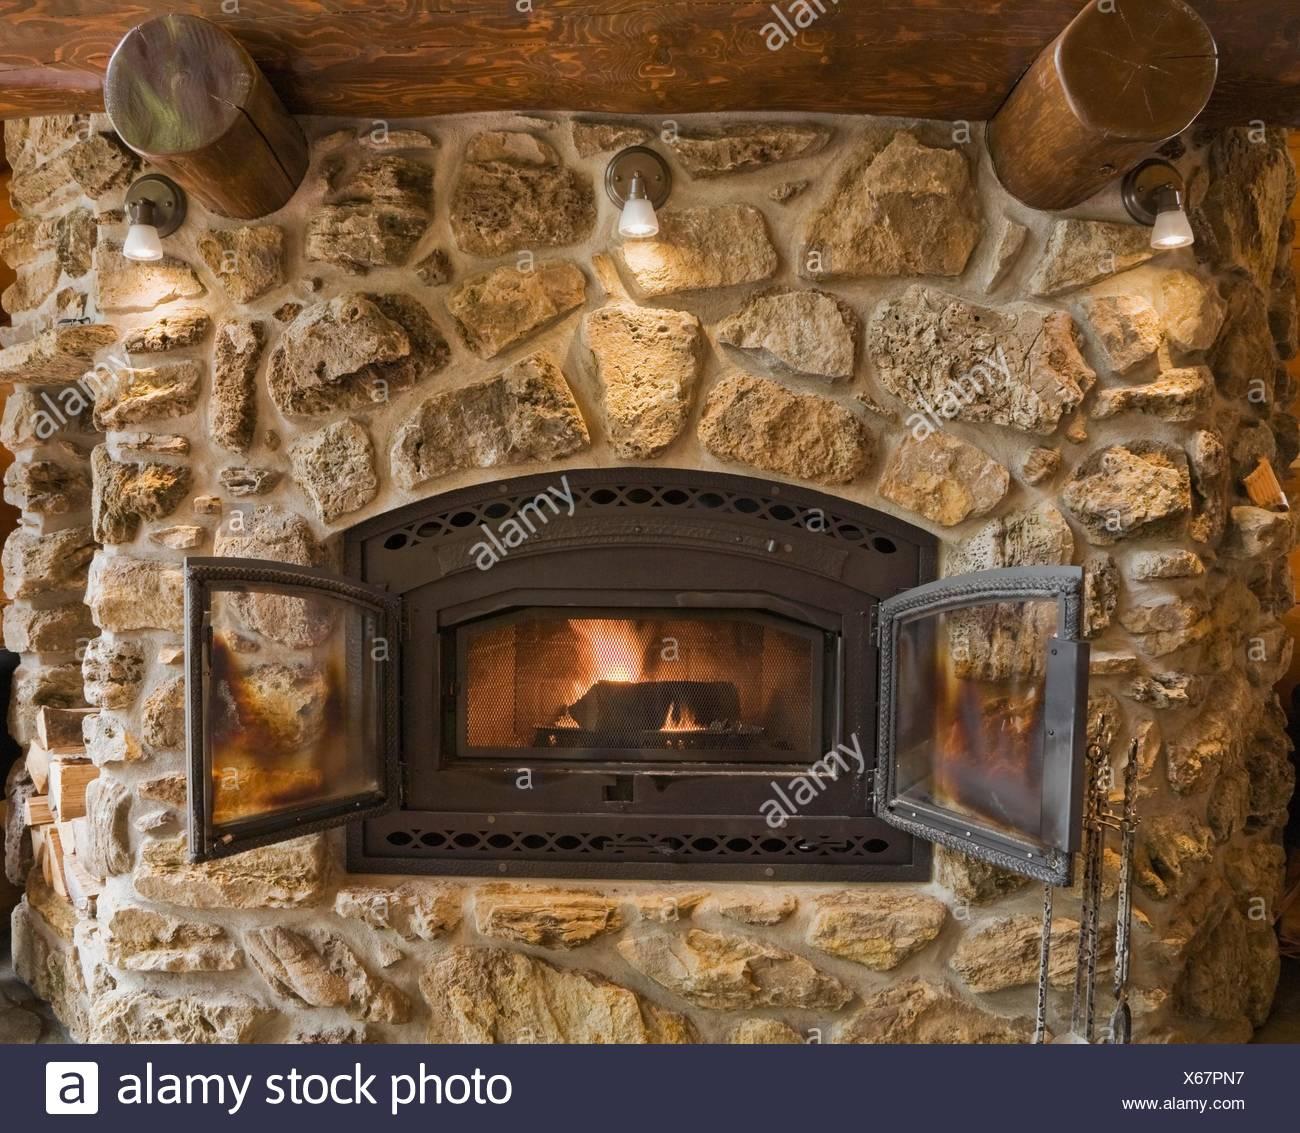 Beleuchtete Feldsteinen Und Rock Kamin Im Wohnzimmer In Zeder Blockhaus,  Quebec, Kanada